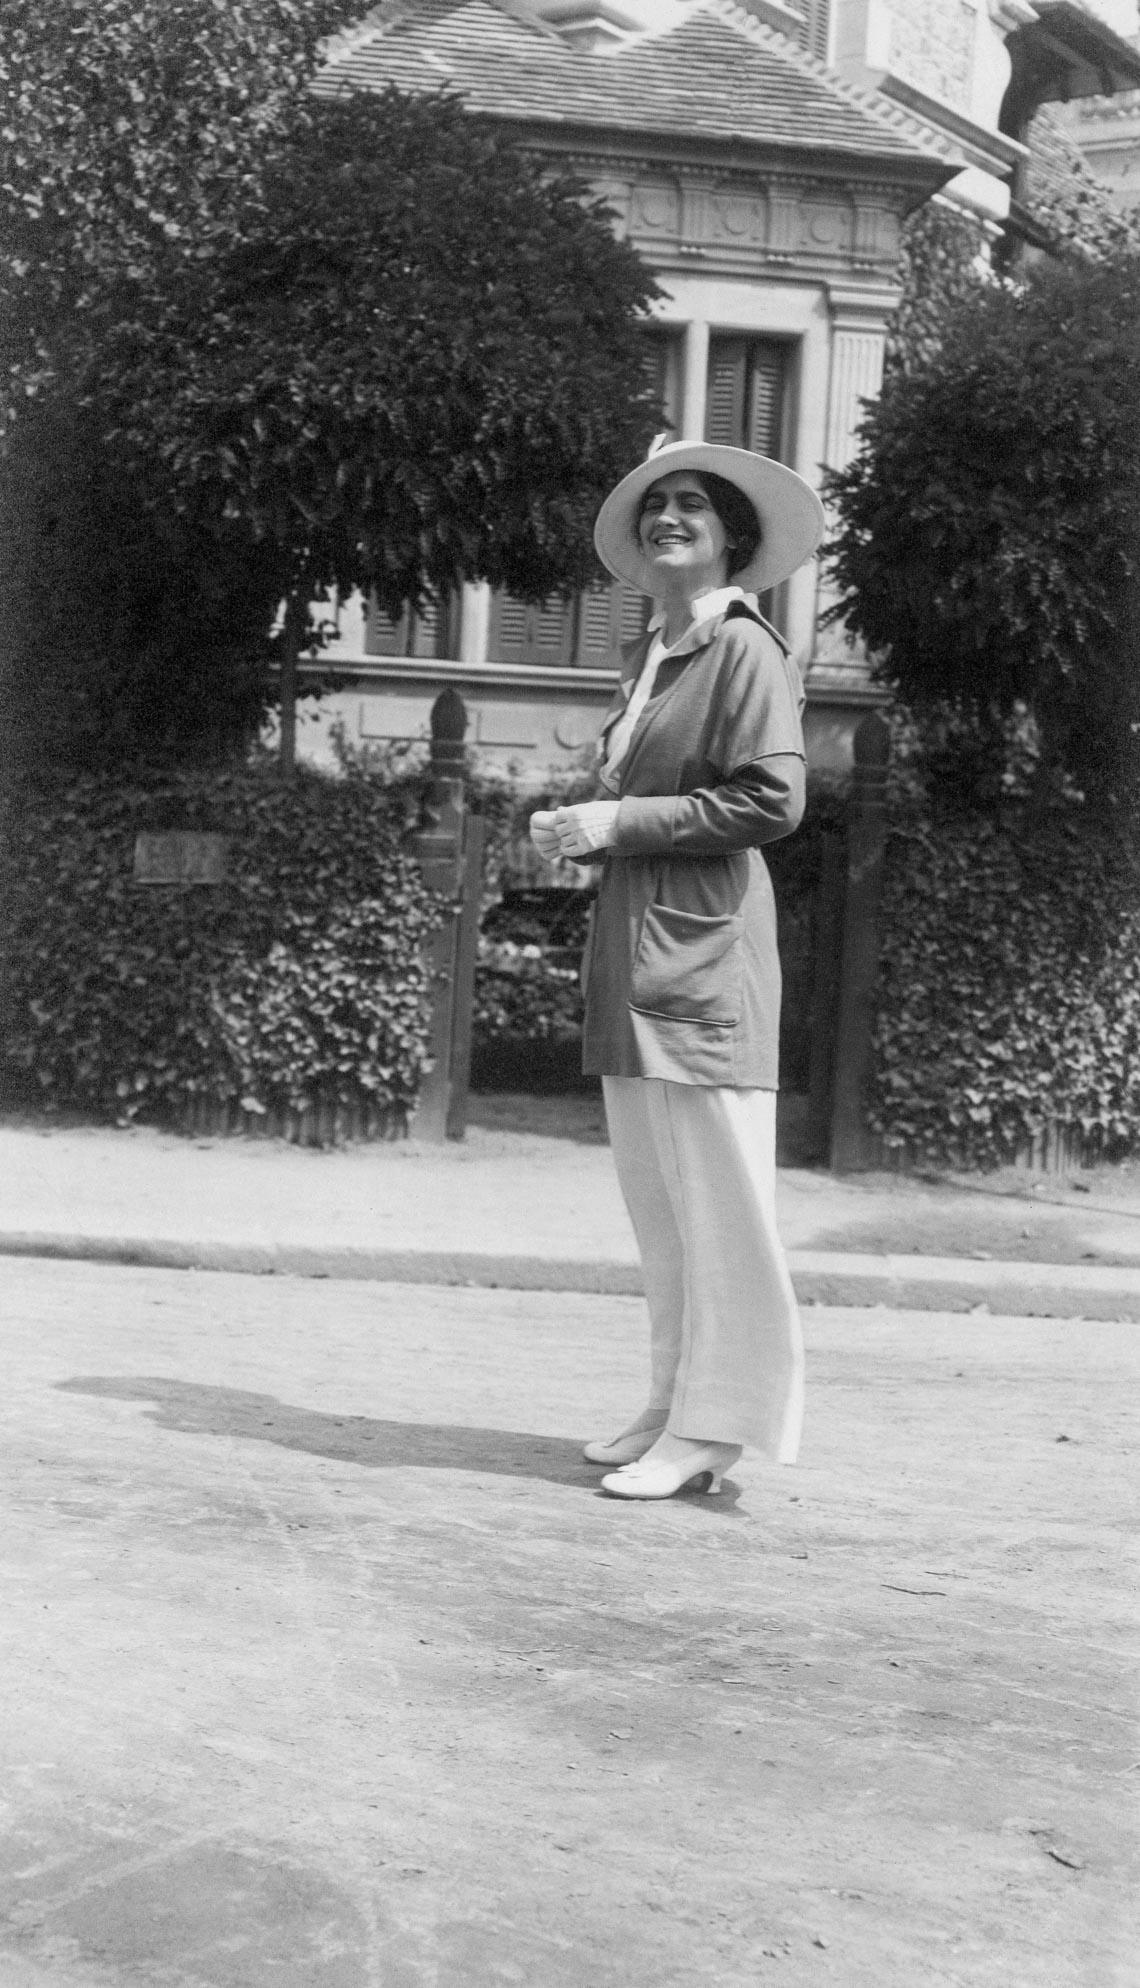 Chanel đồng hành Liên hoan phim Deauville lần thứ 45 ở Mỹ - 7